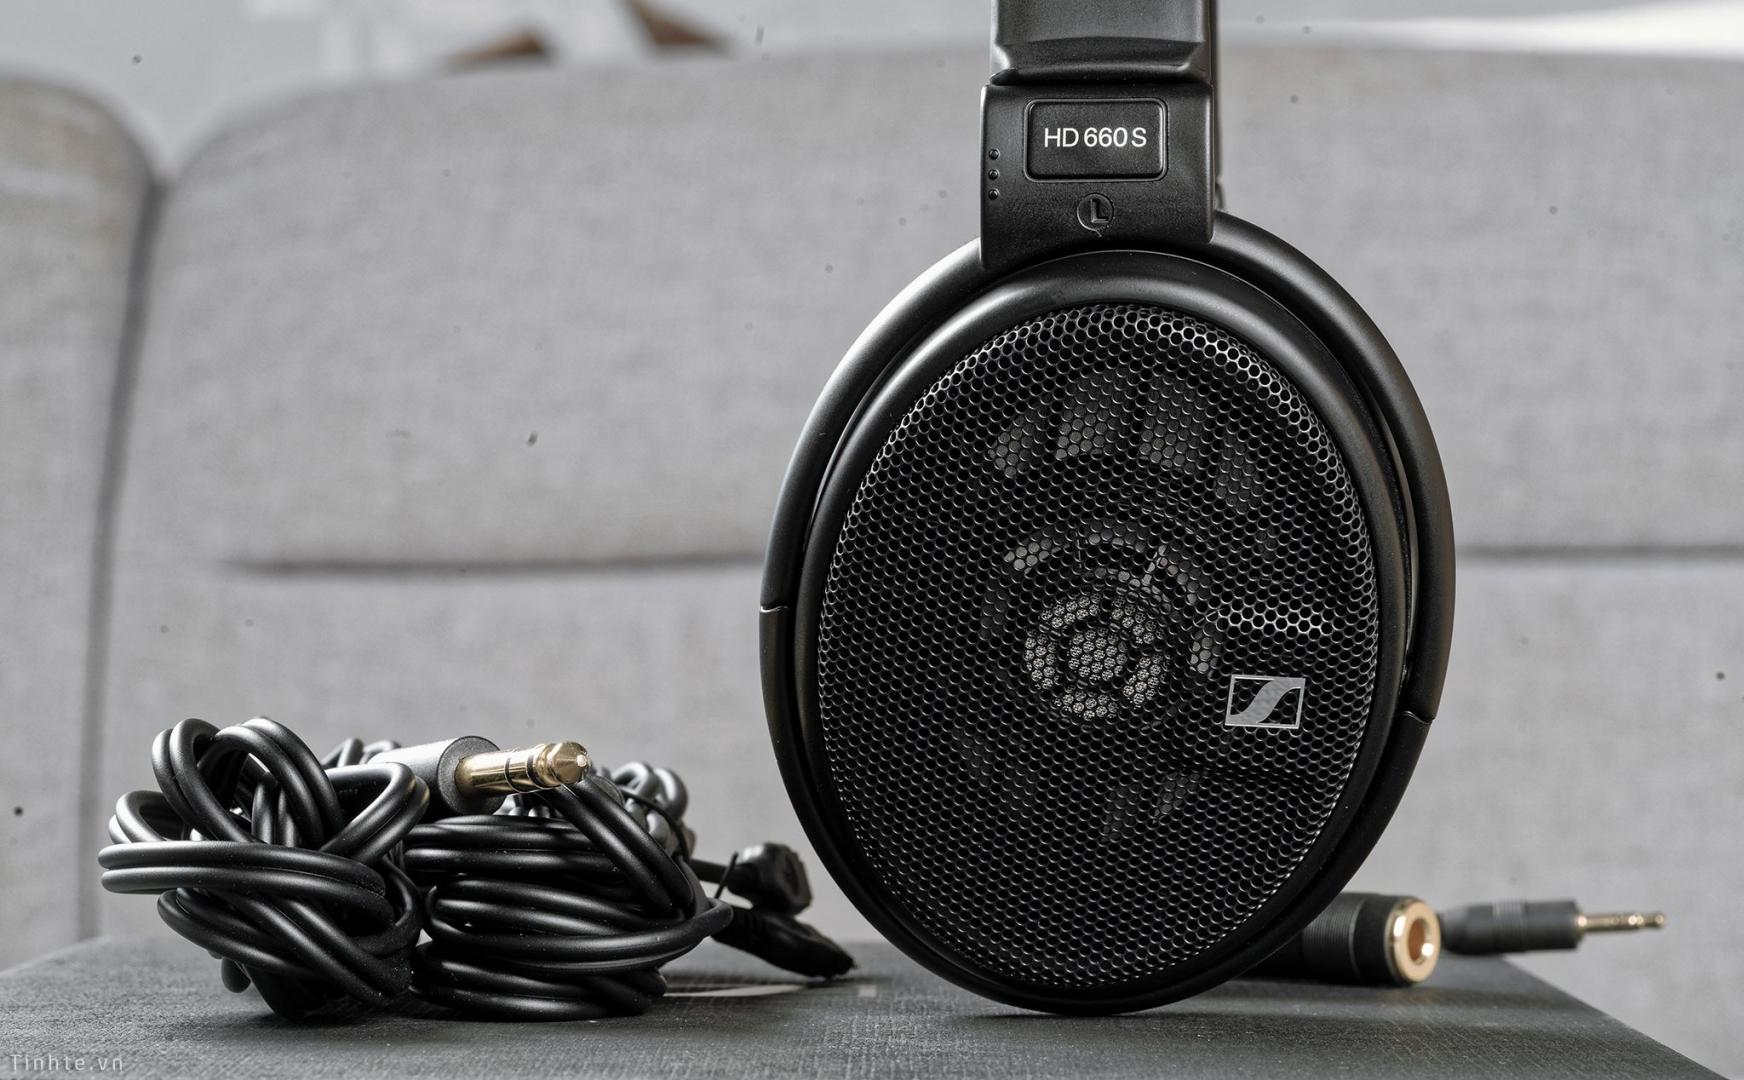 Đánh giá Sennheiser HD660s - Tiếng trong, khỏe, amplifier càng hay tiếng càng hay